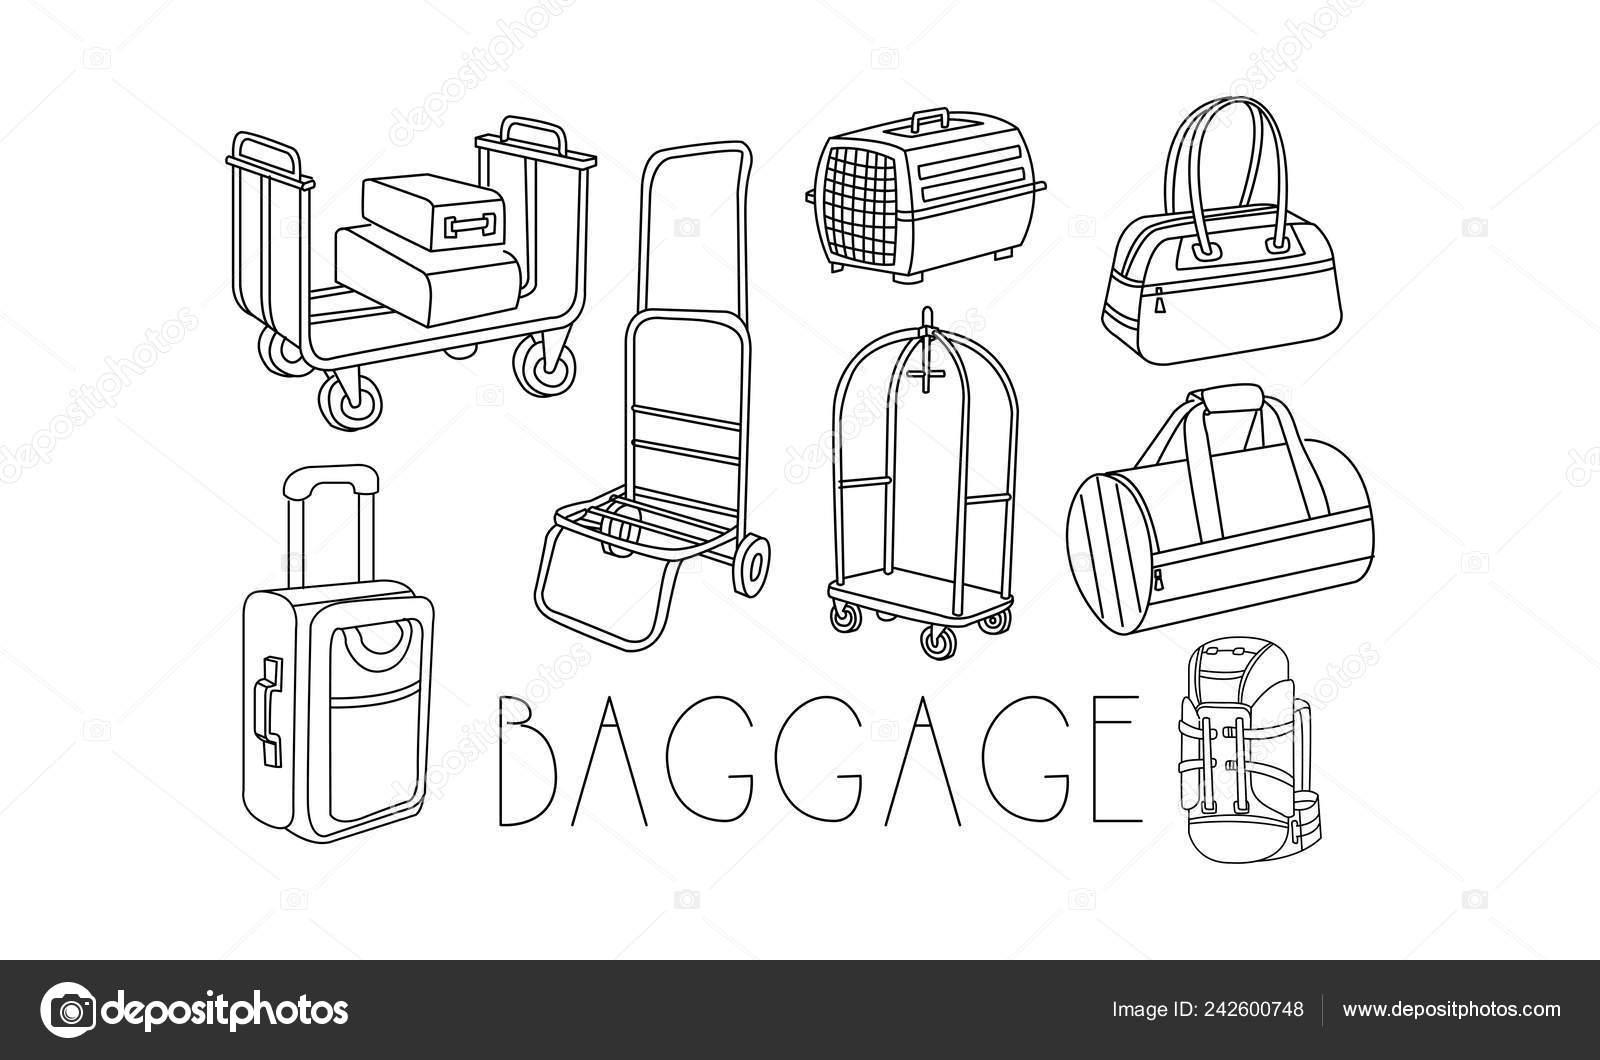 17ff43a6a Conjunto de bolsas de viaje diferente y carritos para el equipaje en doodle  estilo. Envase pet, maleta, mochila de viaje, bolso de las mujeres.